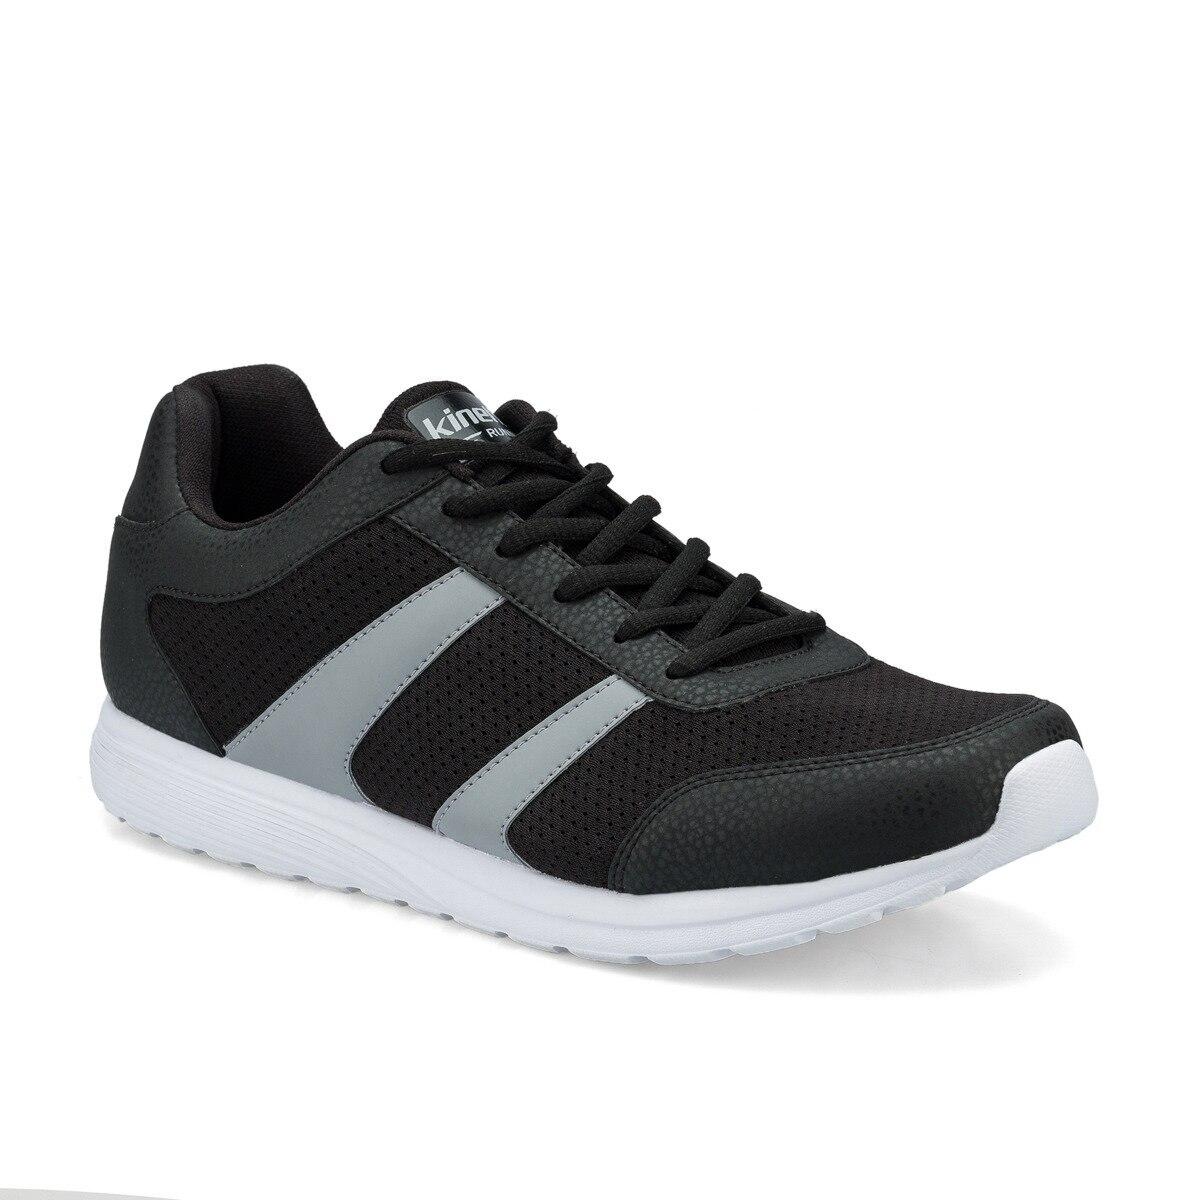 FLO DEANO Black Men 'S Running Shoe KINETIX